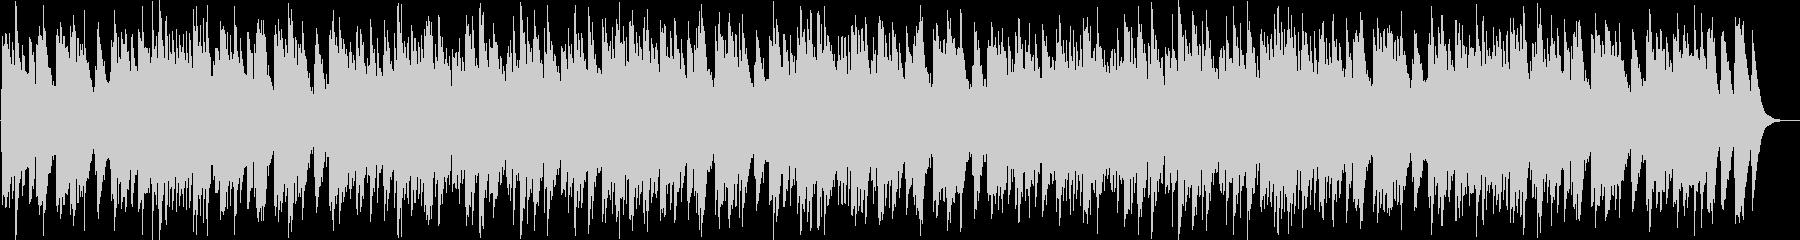 葦笛の踊り/チャイコフスキー(オルゴールの未再生の波形